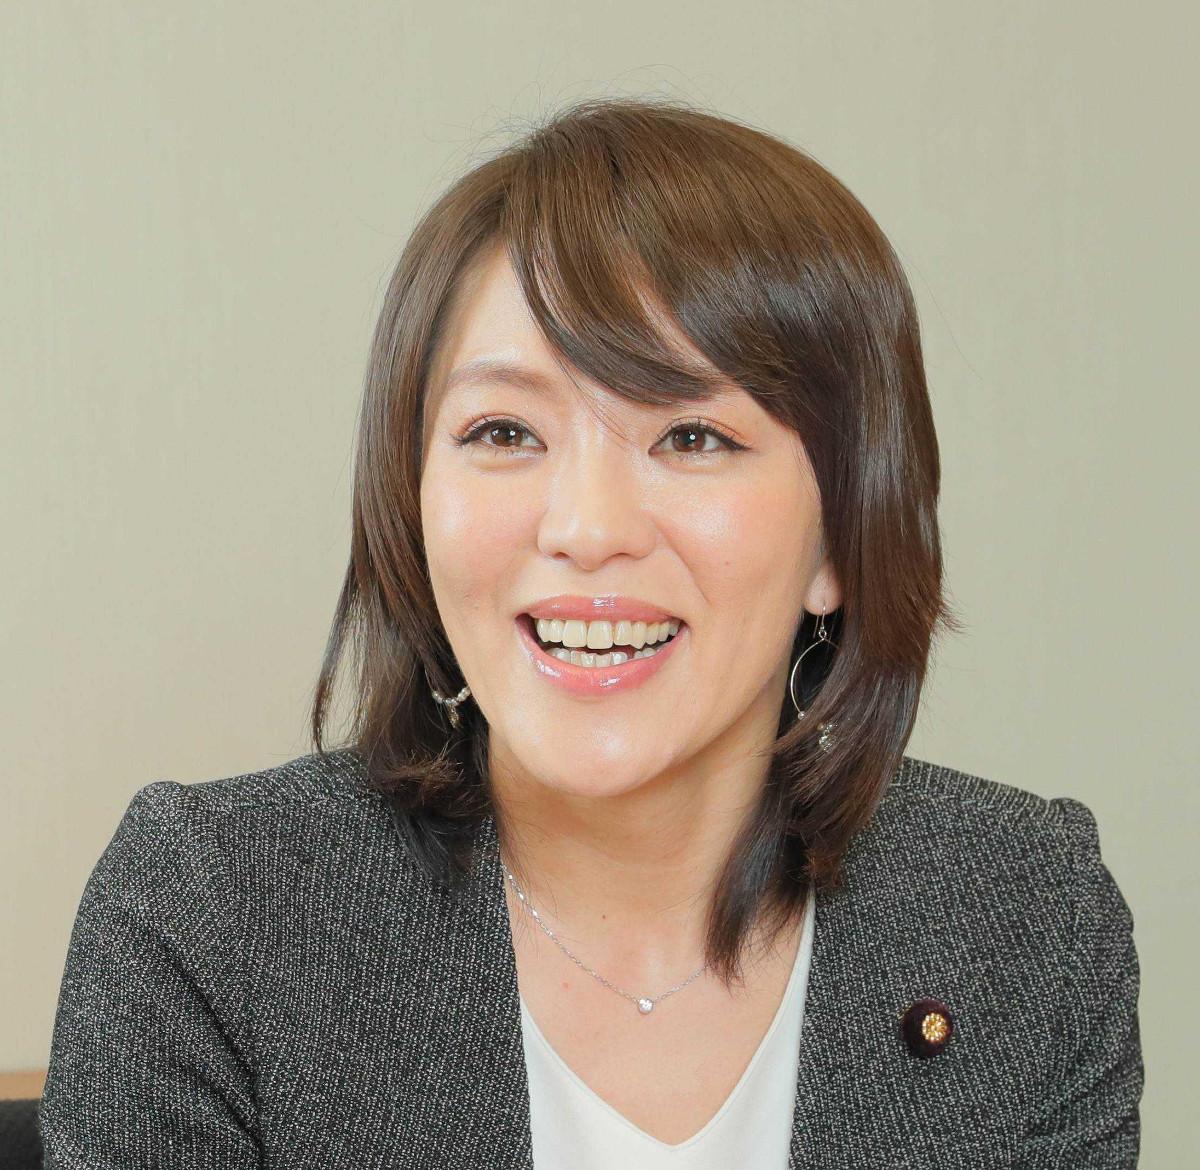 今井絵理子氏、長男16歳の誕生日にそろって美容室へ「息子とともにイメチェン」(スポーツ報知) - Yahoo!ニュース